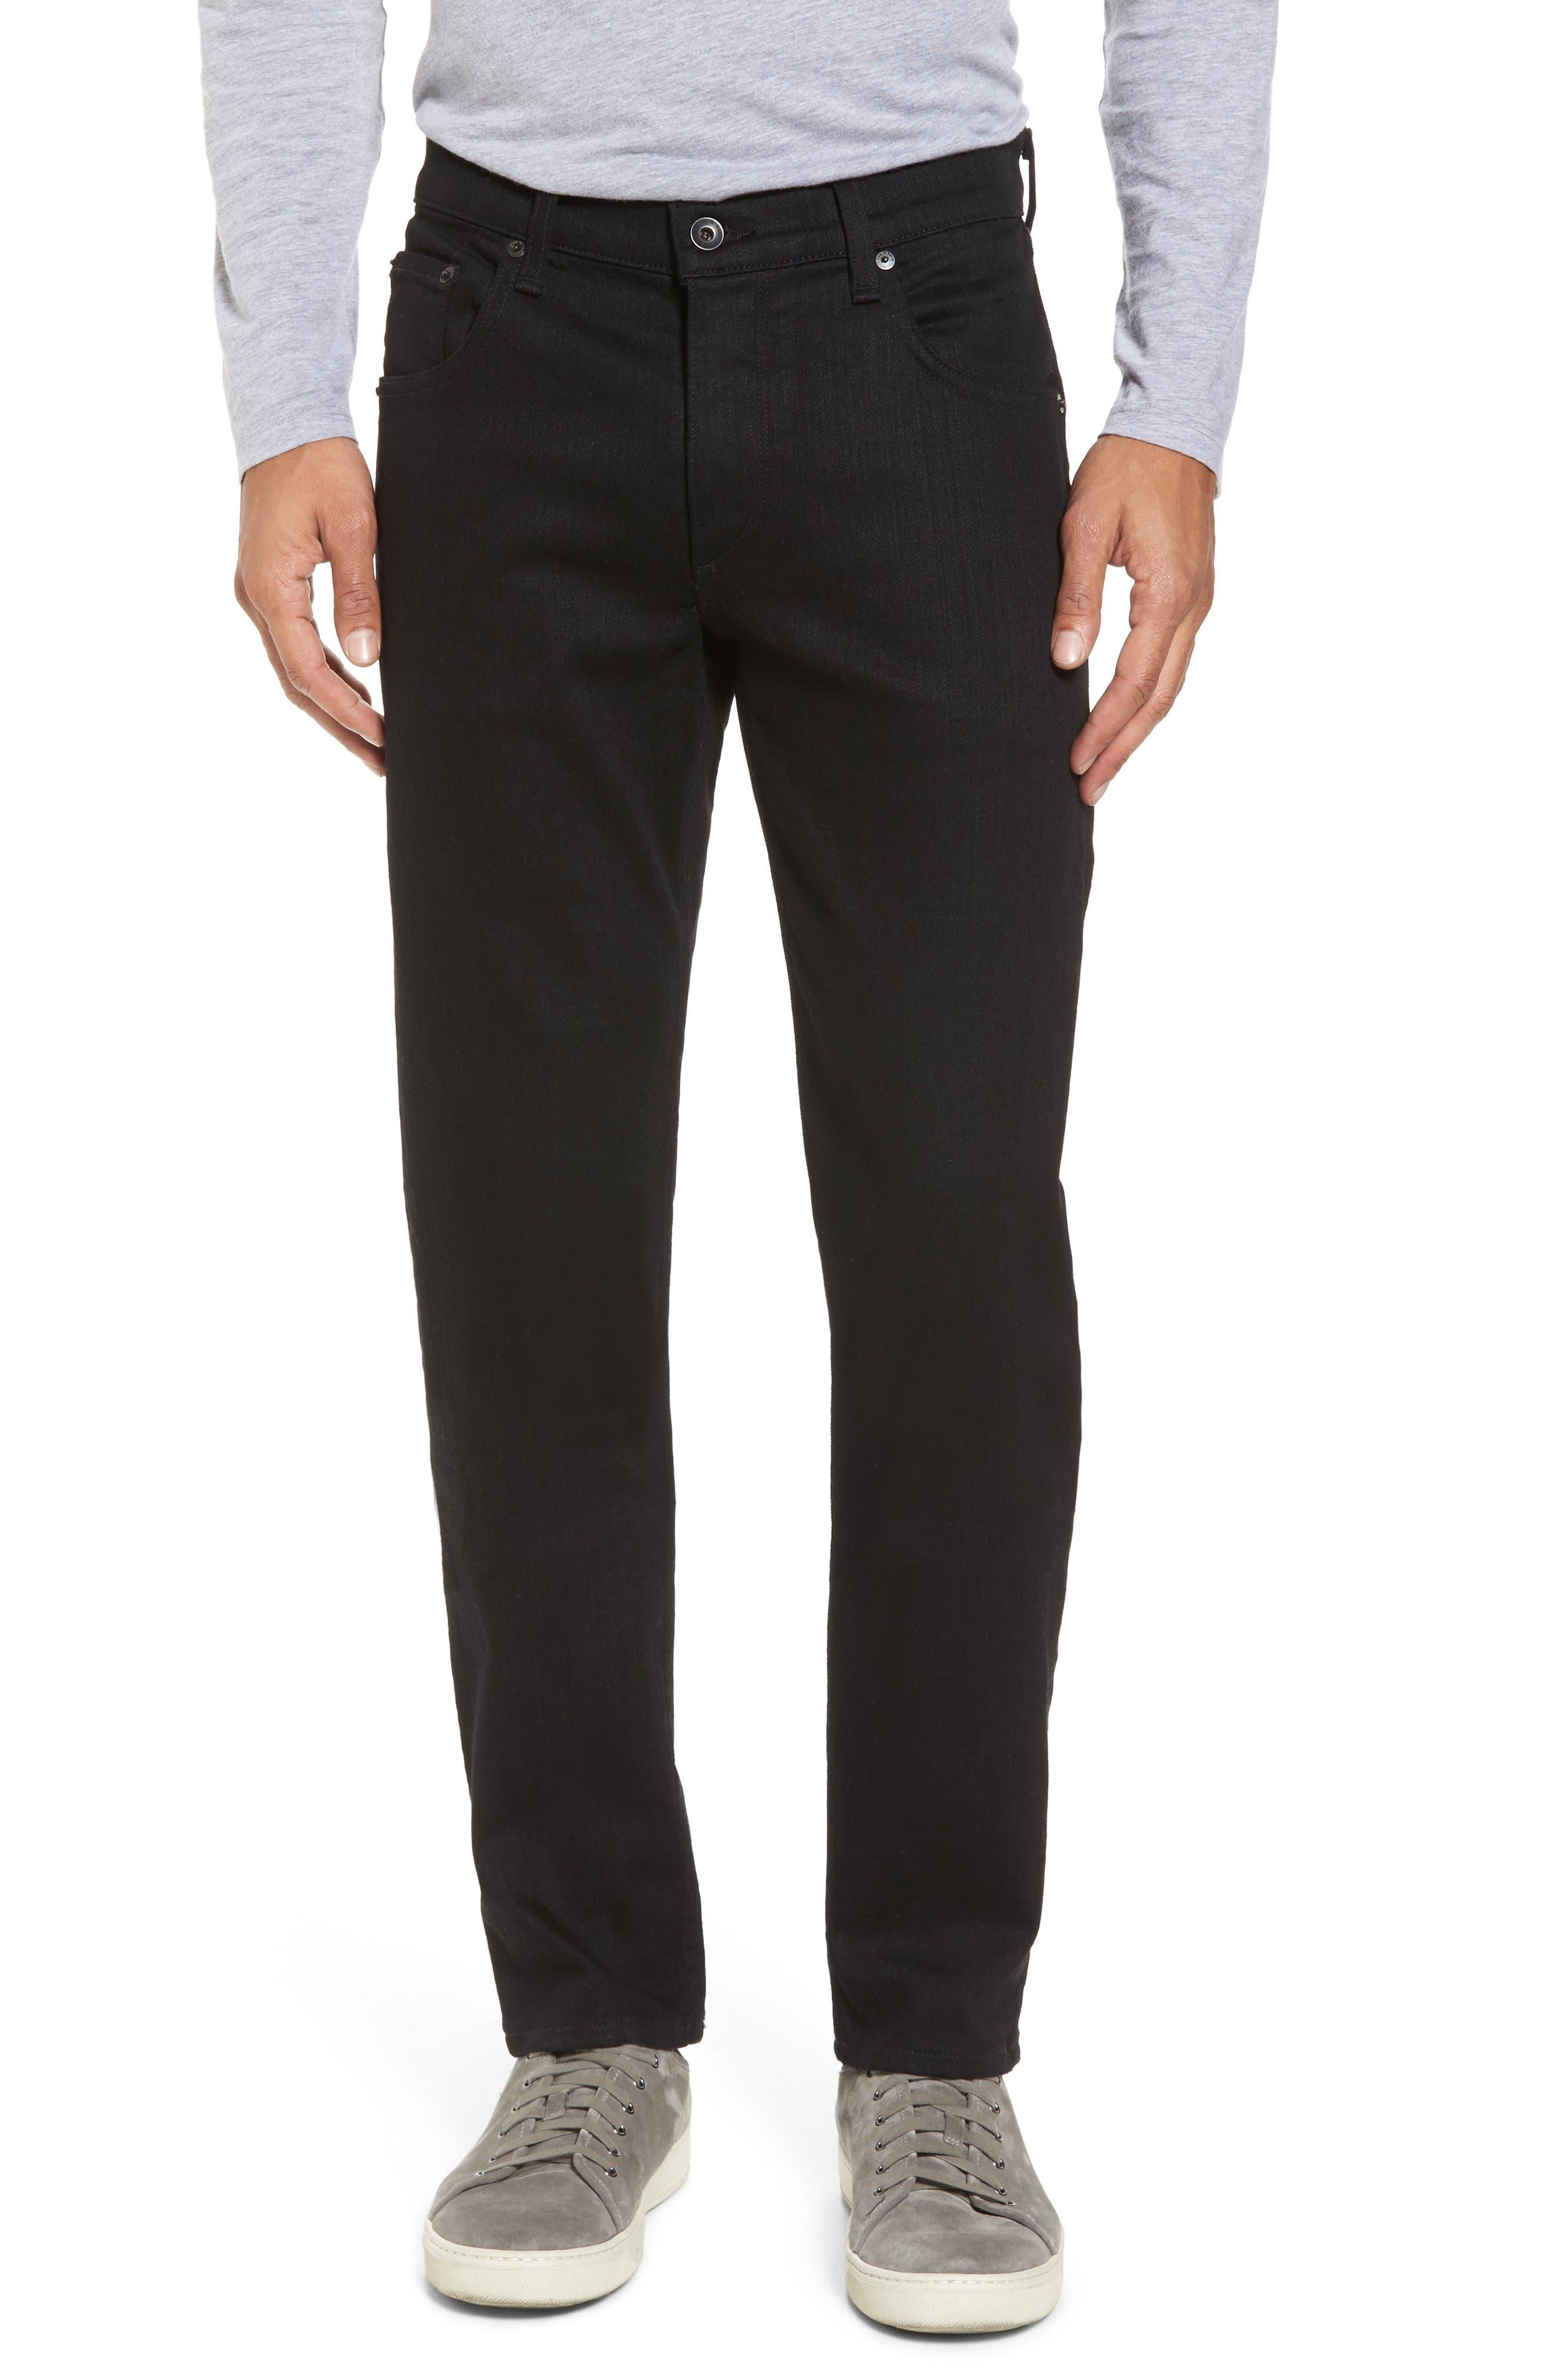 Fit 2 Slim Fit Jeans,                             Main thumbnail 1, color,                             BLACK